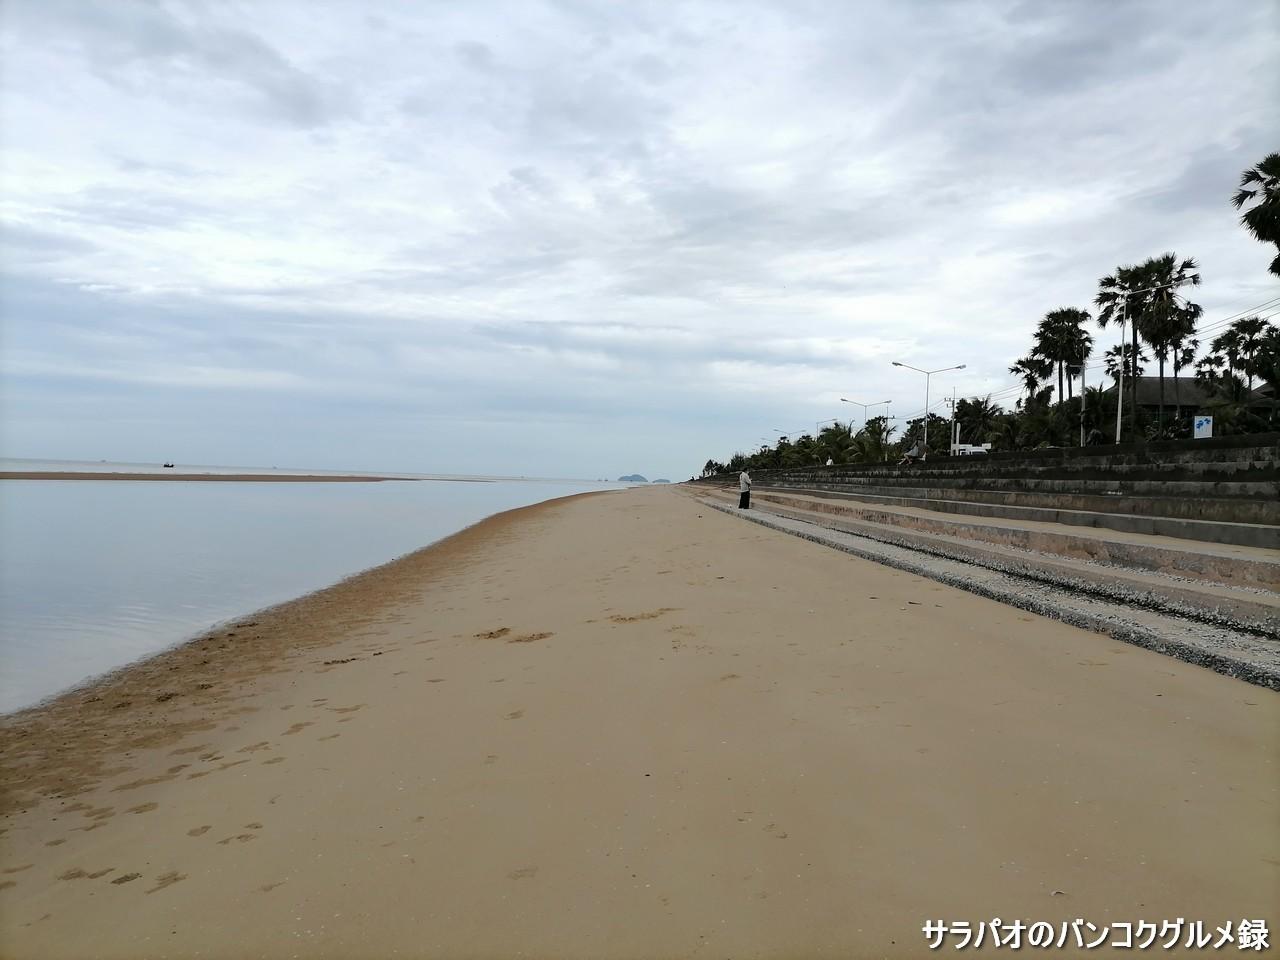 プランブリー・ビーチは全長3km以上ある人が少ないロングビーチ in プラチュワップキーリーカン県